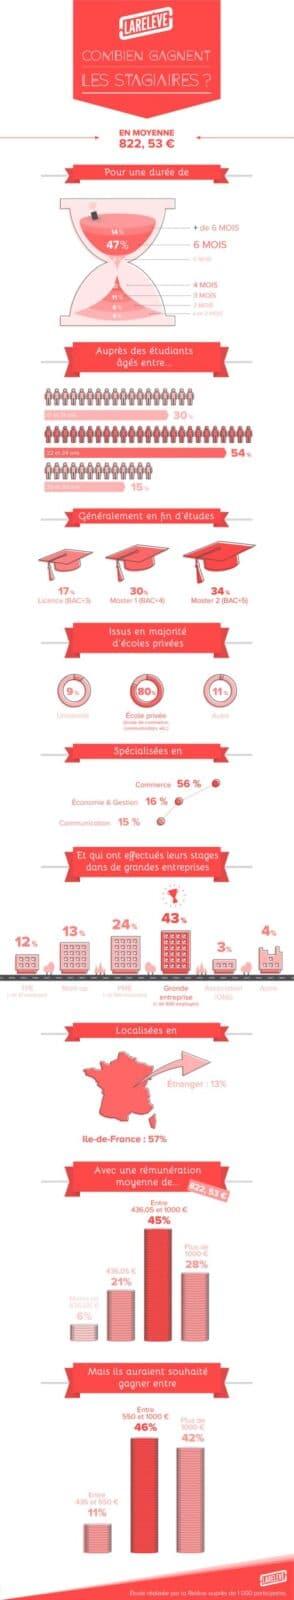 Infographie rémunération stagiaires